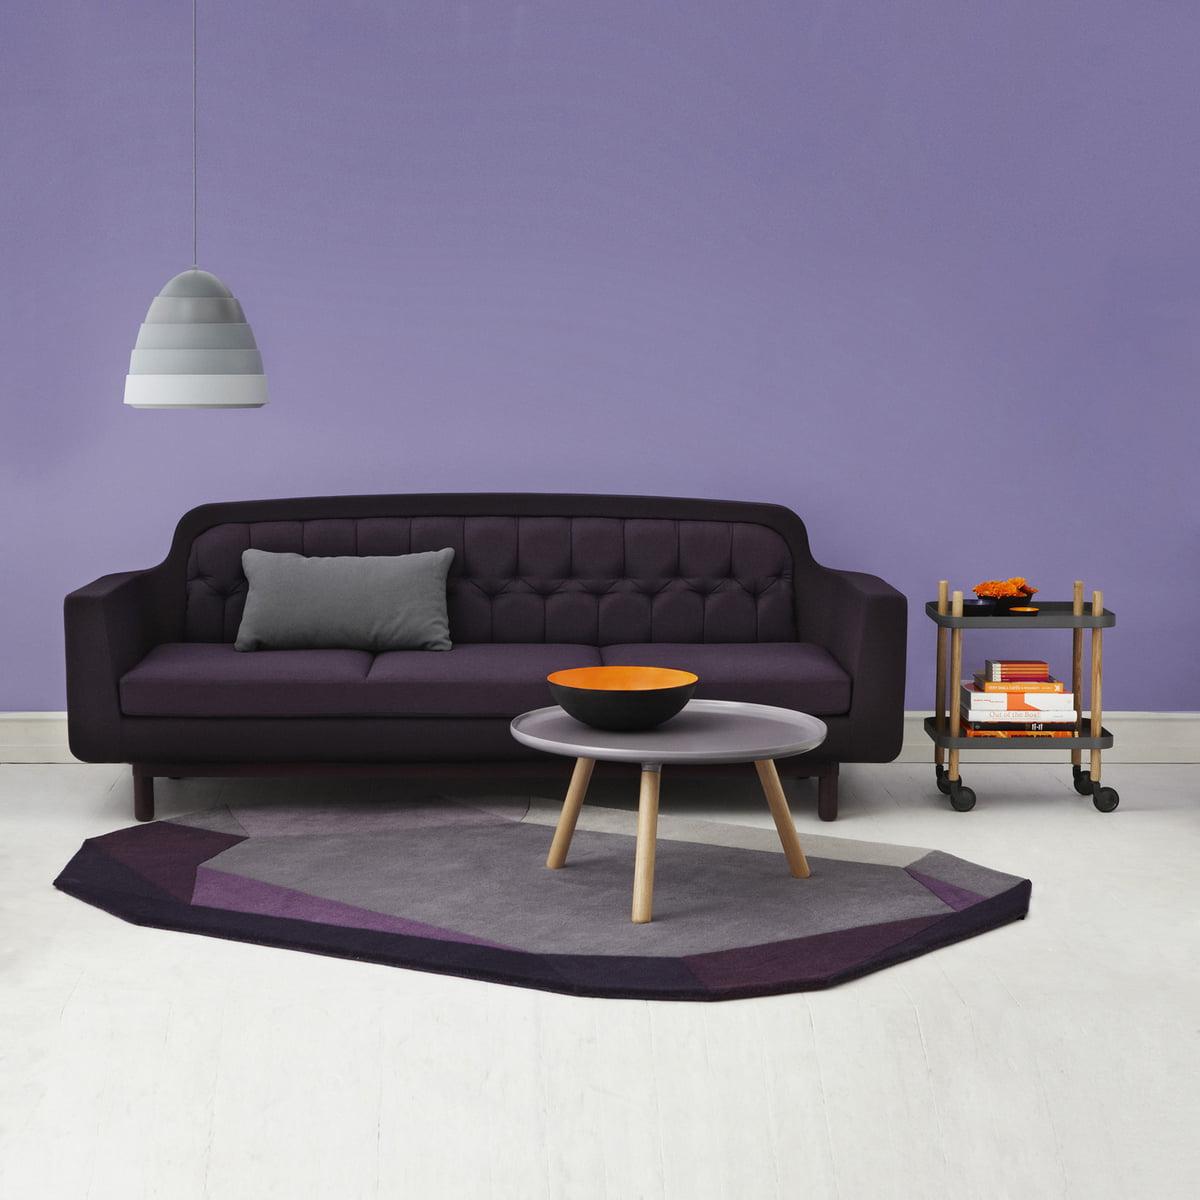 Uncle sofa by normann copenhagen